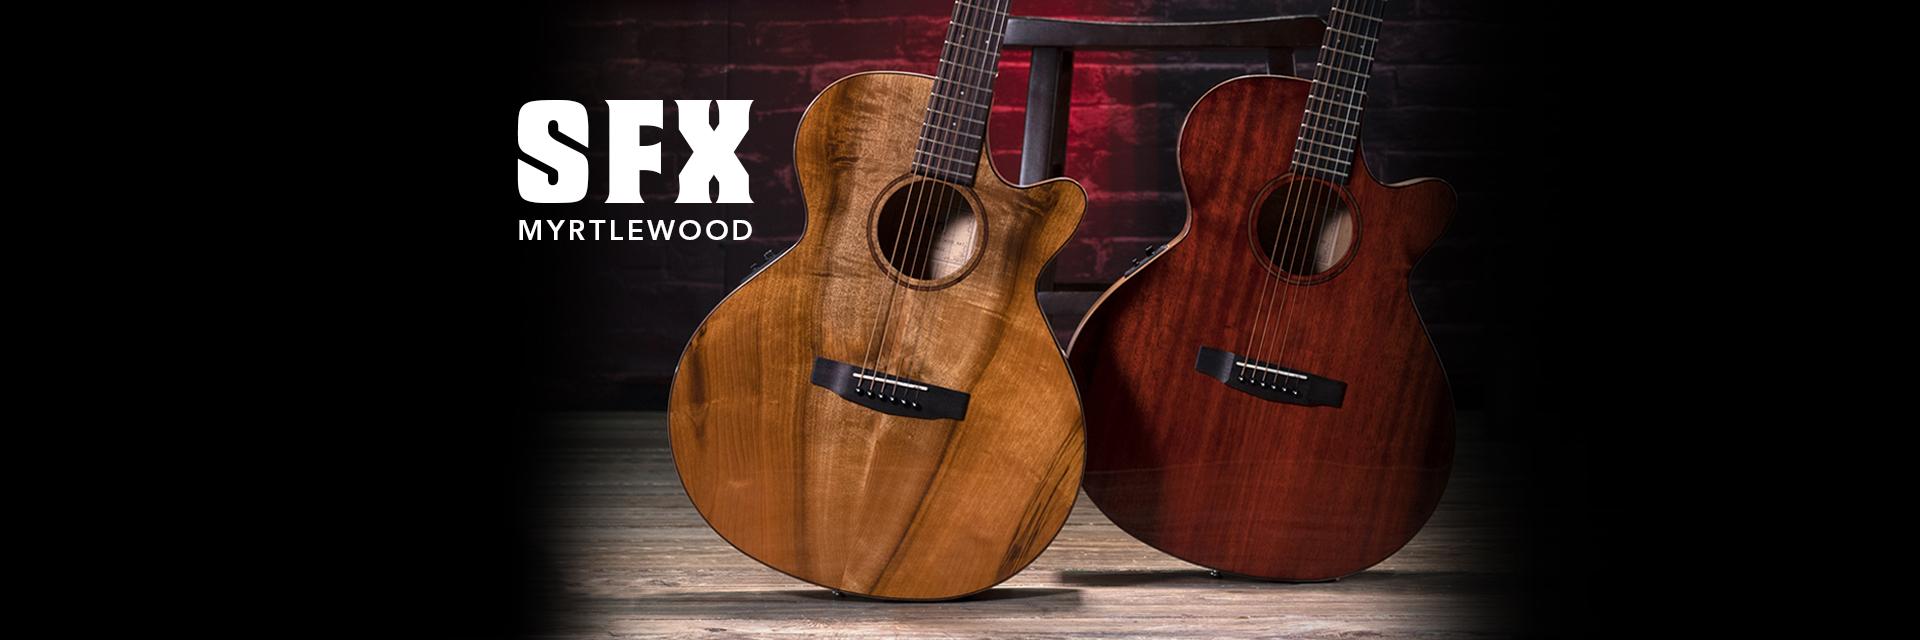 SFX Myrtlewood